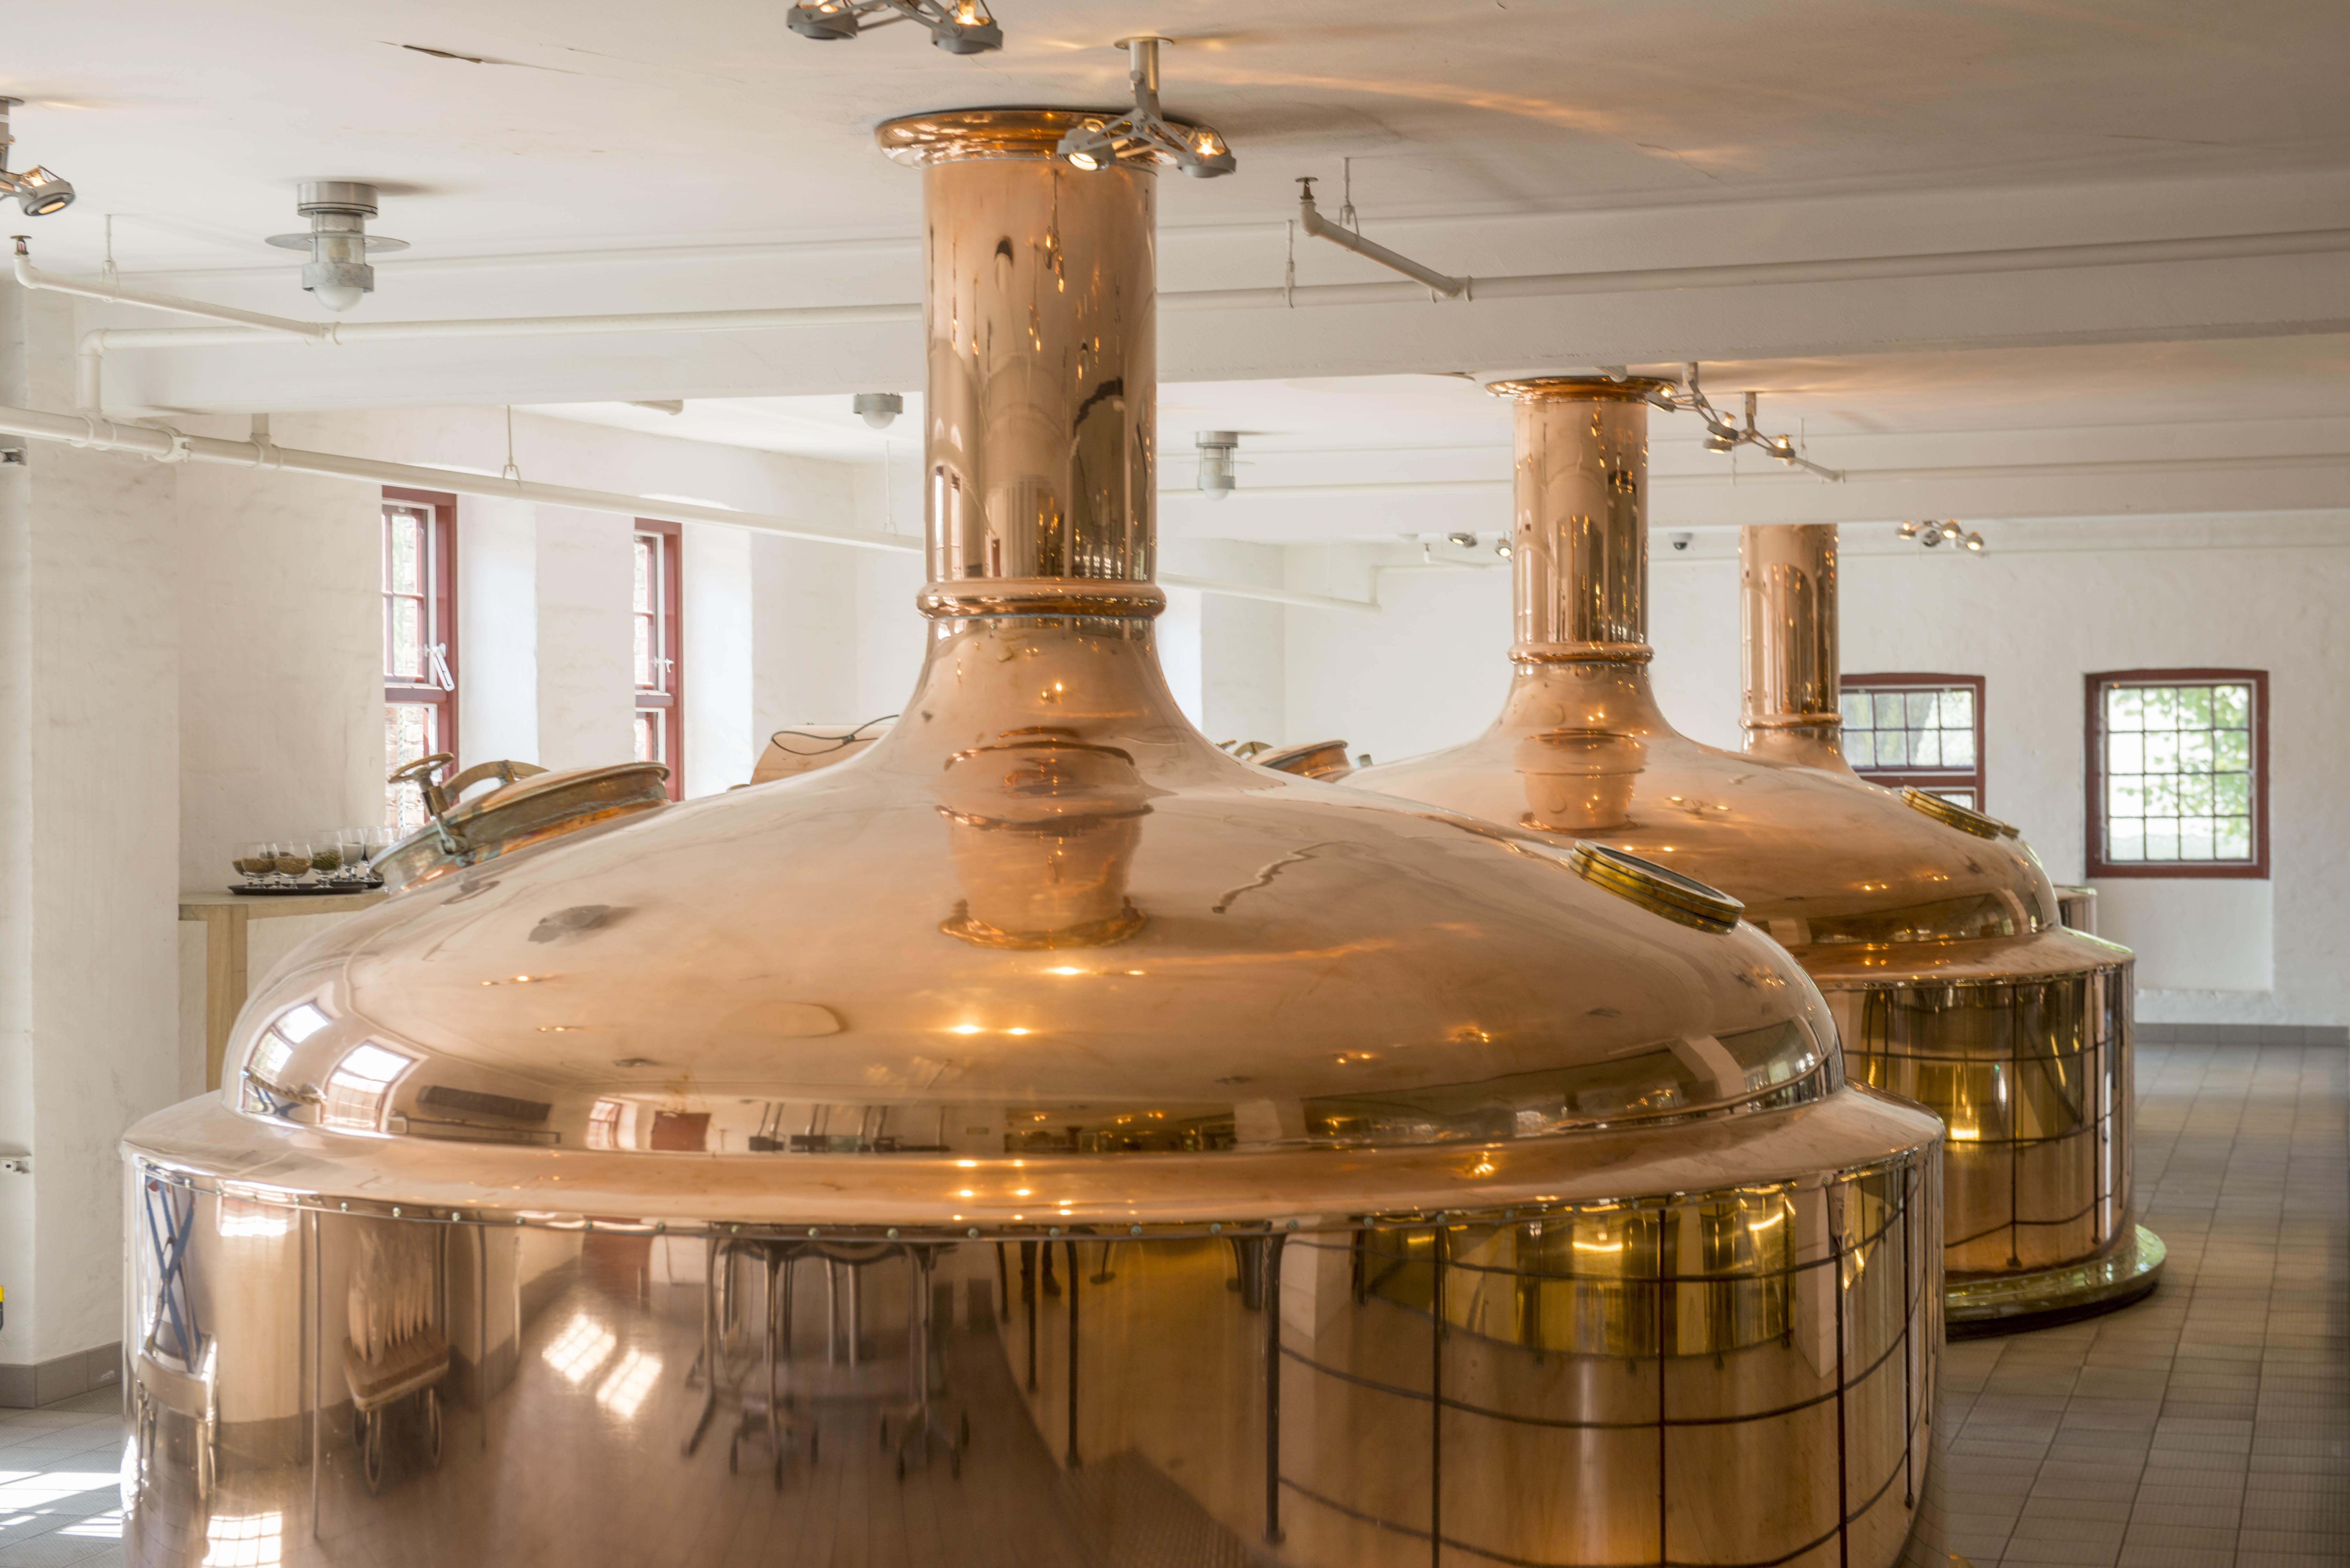 Ølbrygning er en avanceret bioteknologisk proces hvor brygmestre nøje afstemmer råvarerne og hvor mæskning, urtkogning og gæring overvåges og styres. Det kræver højteknologisk produktionsudstyr for præcis styring af de adskillelige parametre der er nødvendige for gentagen fremstilling af øl af høj kvalitet.